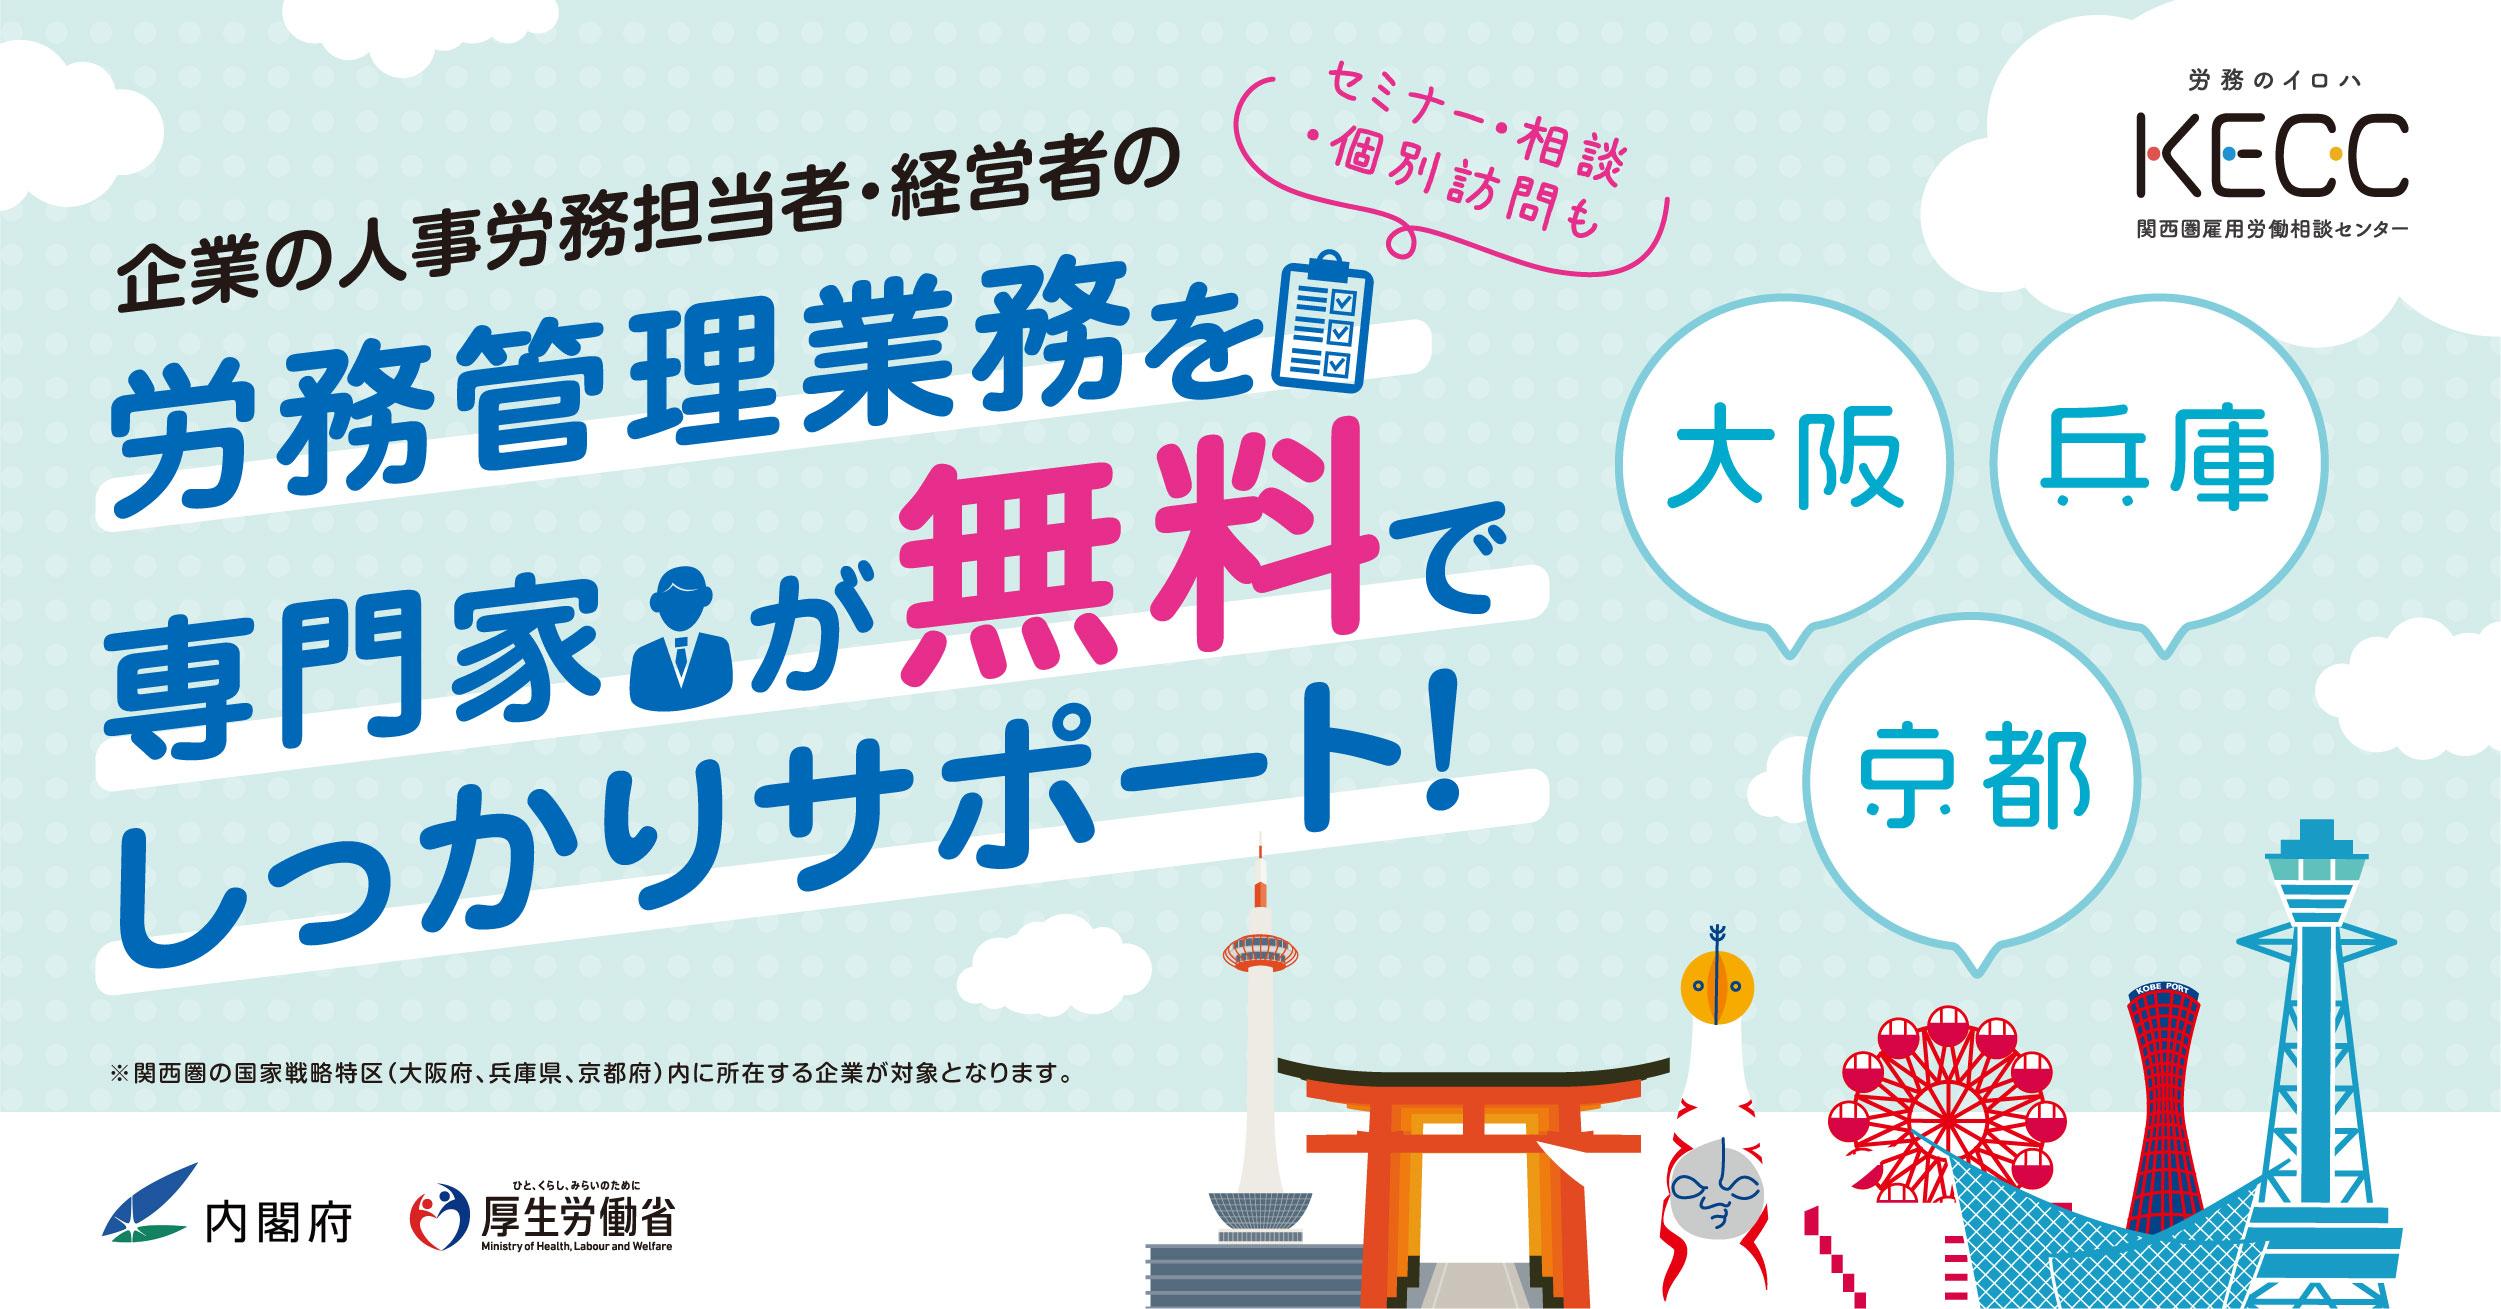 関西圏雇用労働相談センター主催 第5回定例セミナー「職場のトラブル回避のためのメンタルヘルス対策と安定的な雇用関係構築のための工夫」